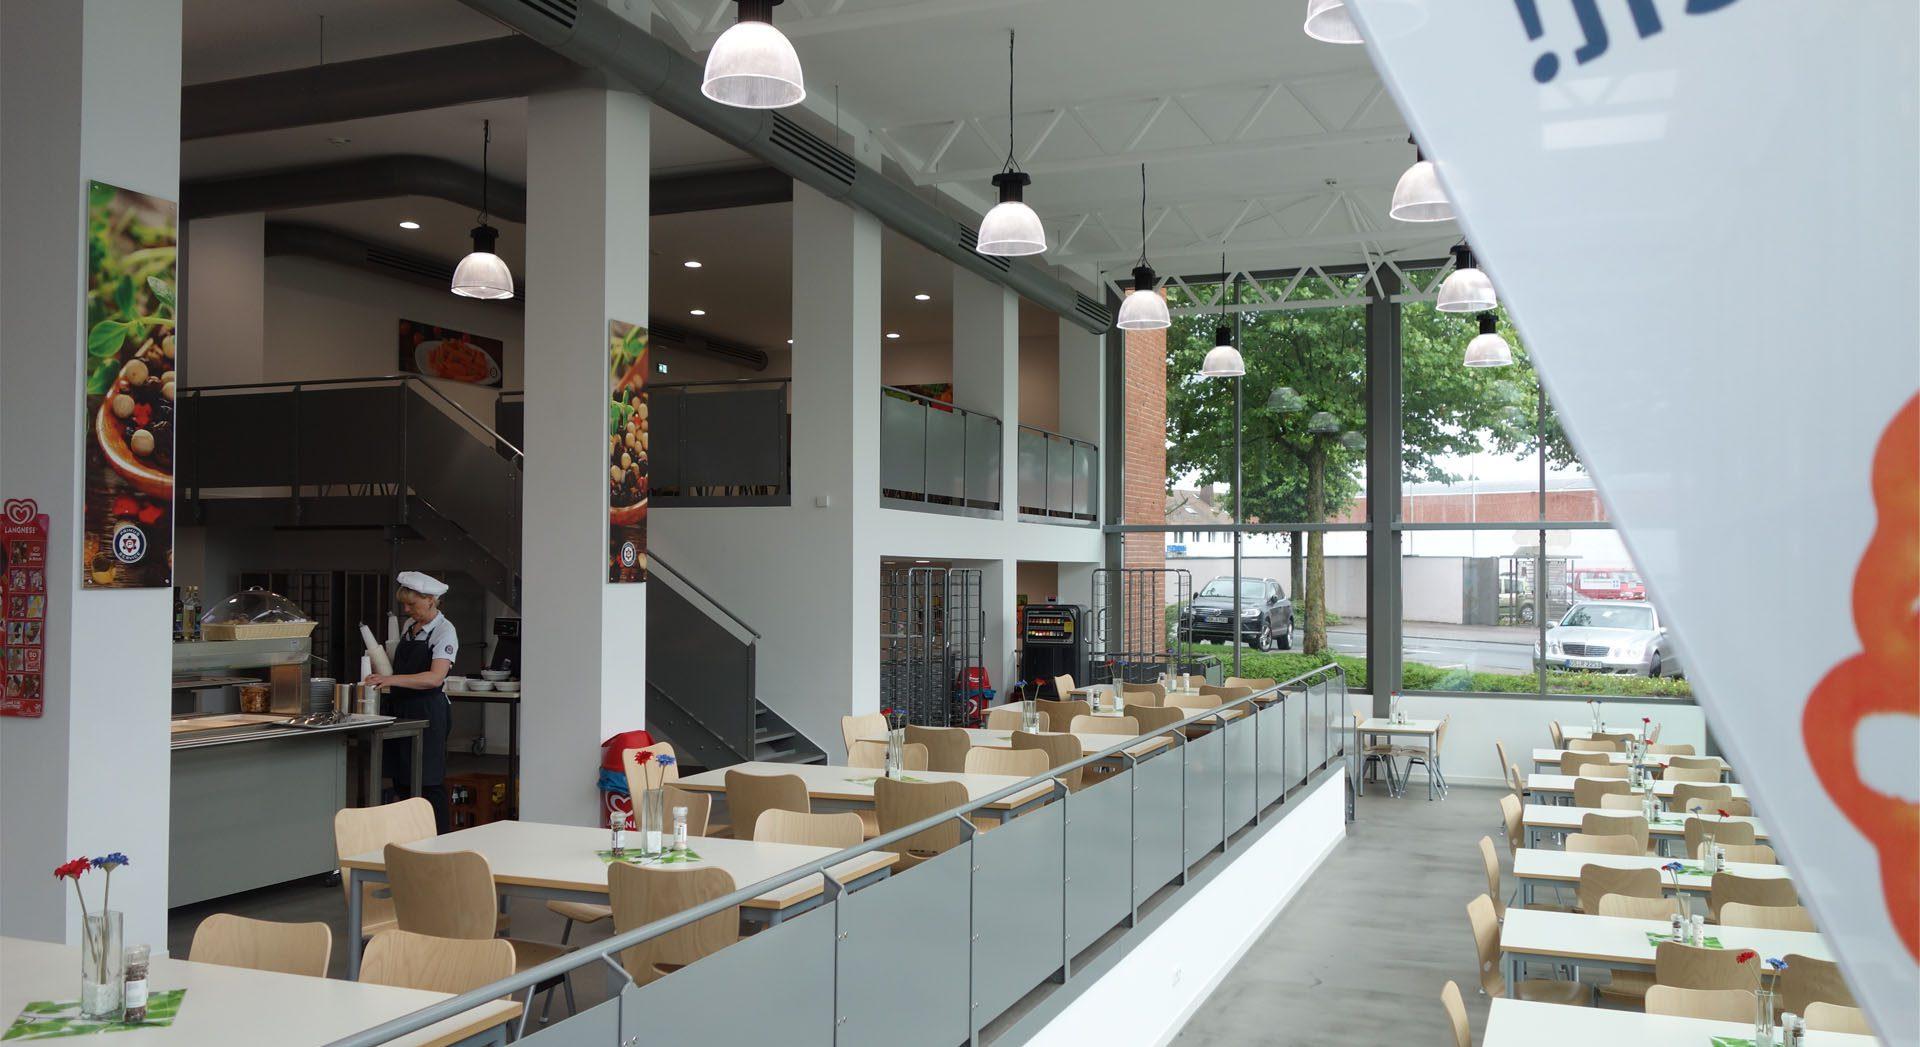 Gewerbearchitektur; Innenarchitektur; Raumgestaltung; Kantine; Casino; Werksrestaurant